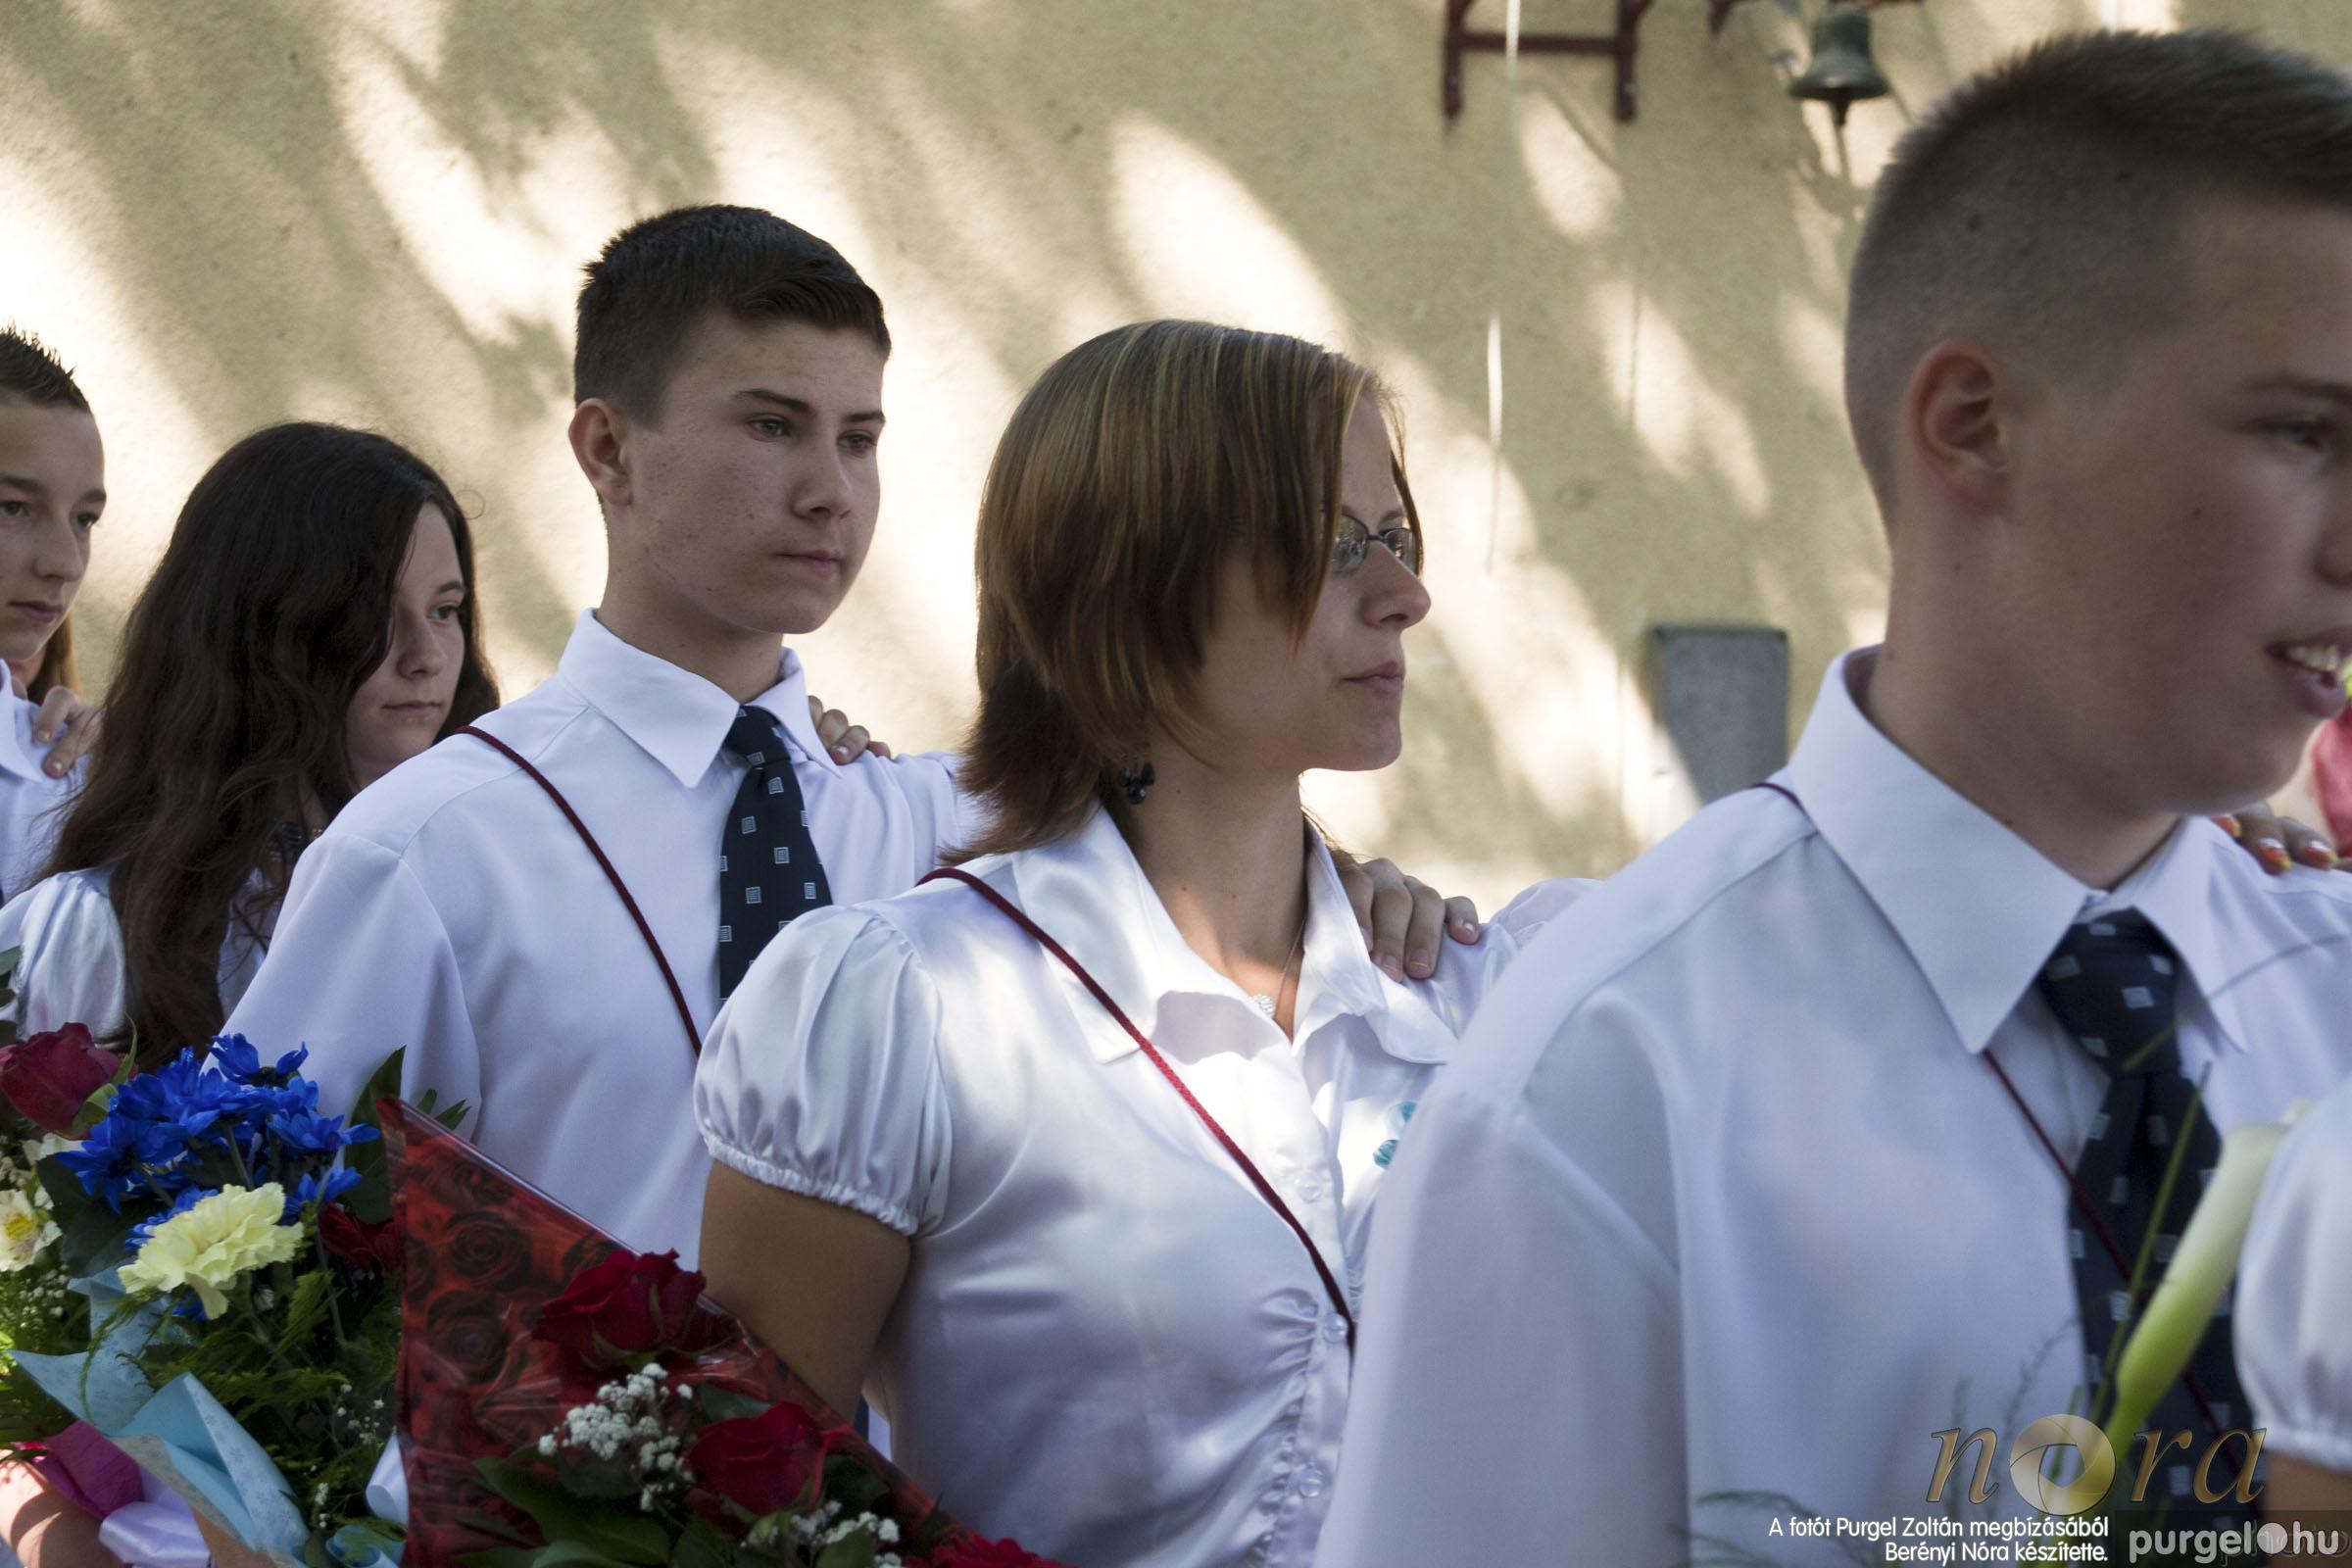 2013.06.15. 160 Forray Máté Általános Iskola ballagás 2013. - Fotó:BERÉNYI NÓRA© _MG_1169.JPG